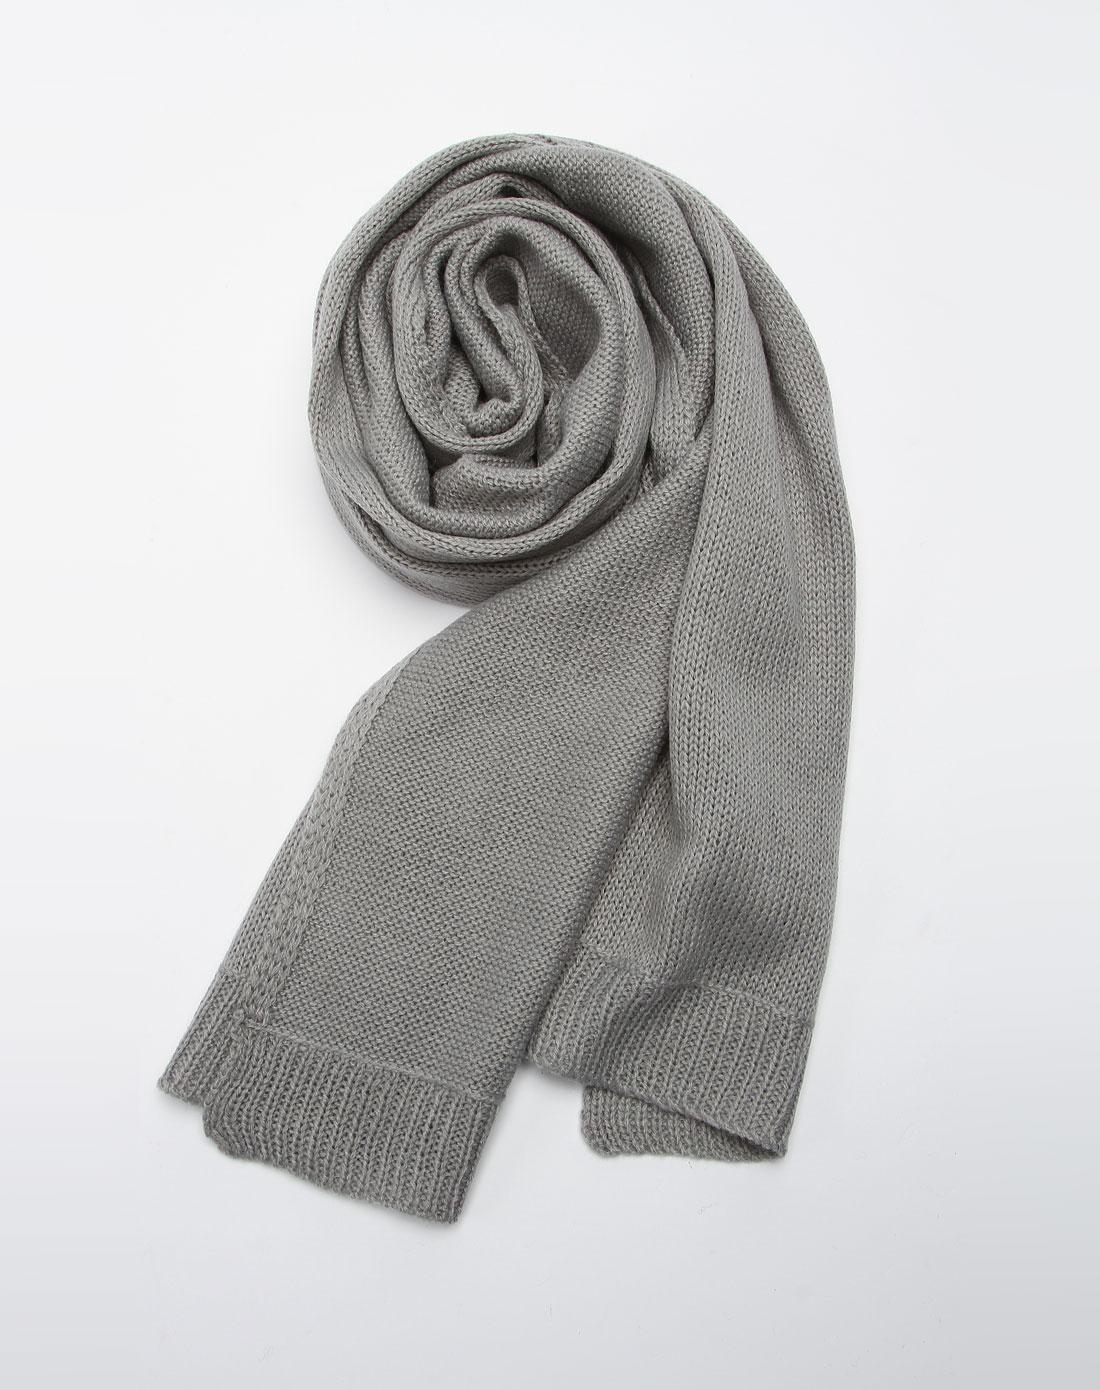 森马男装专场-浅灰色休闲围巾图片